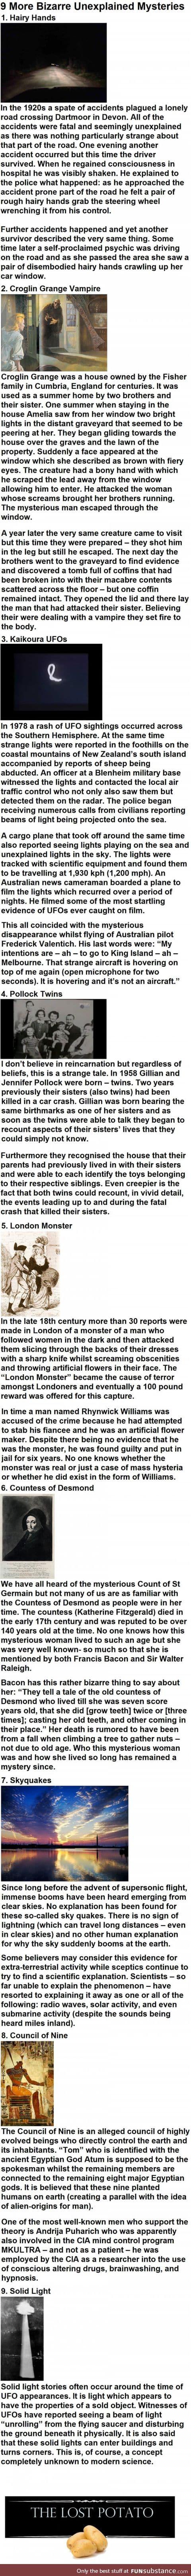 9 more bizarre unexplained mysteries